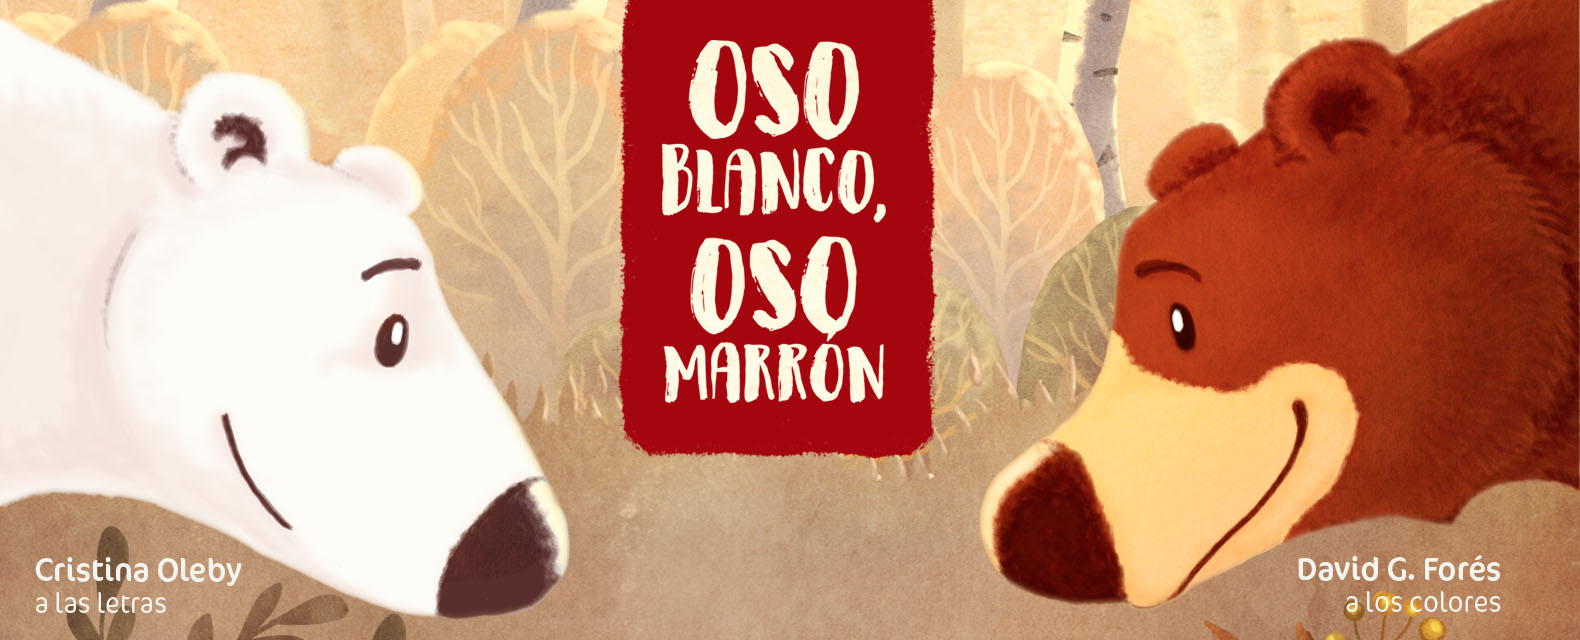 OSOS_web_banner